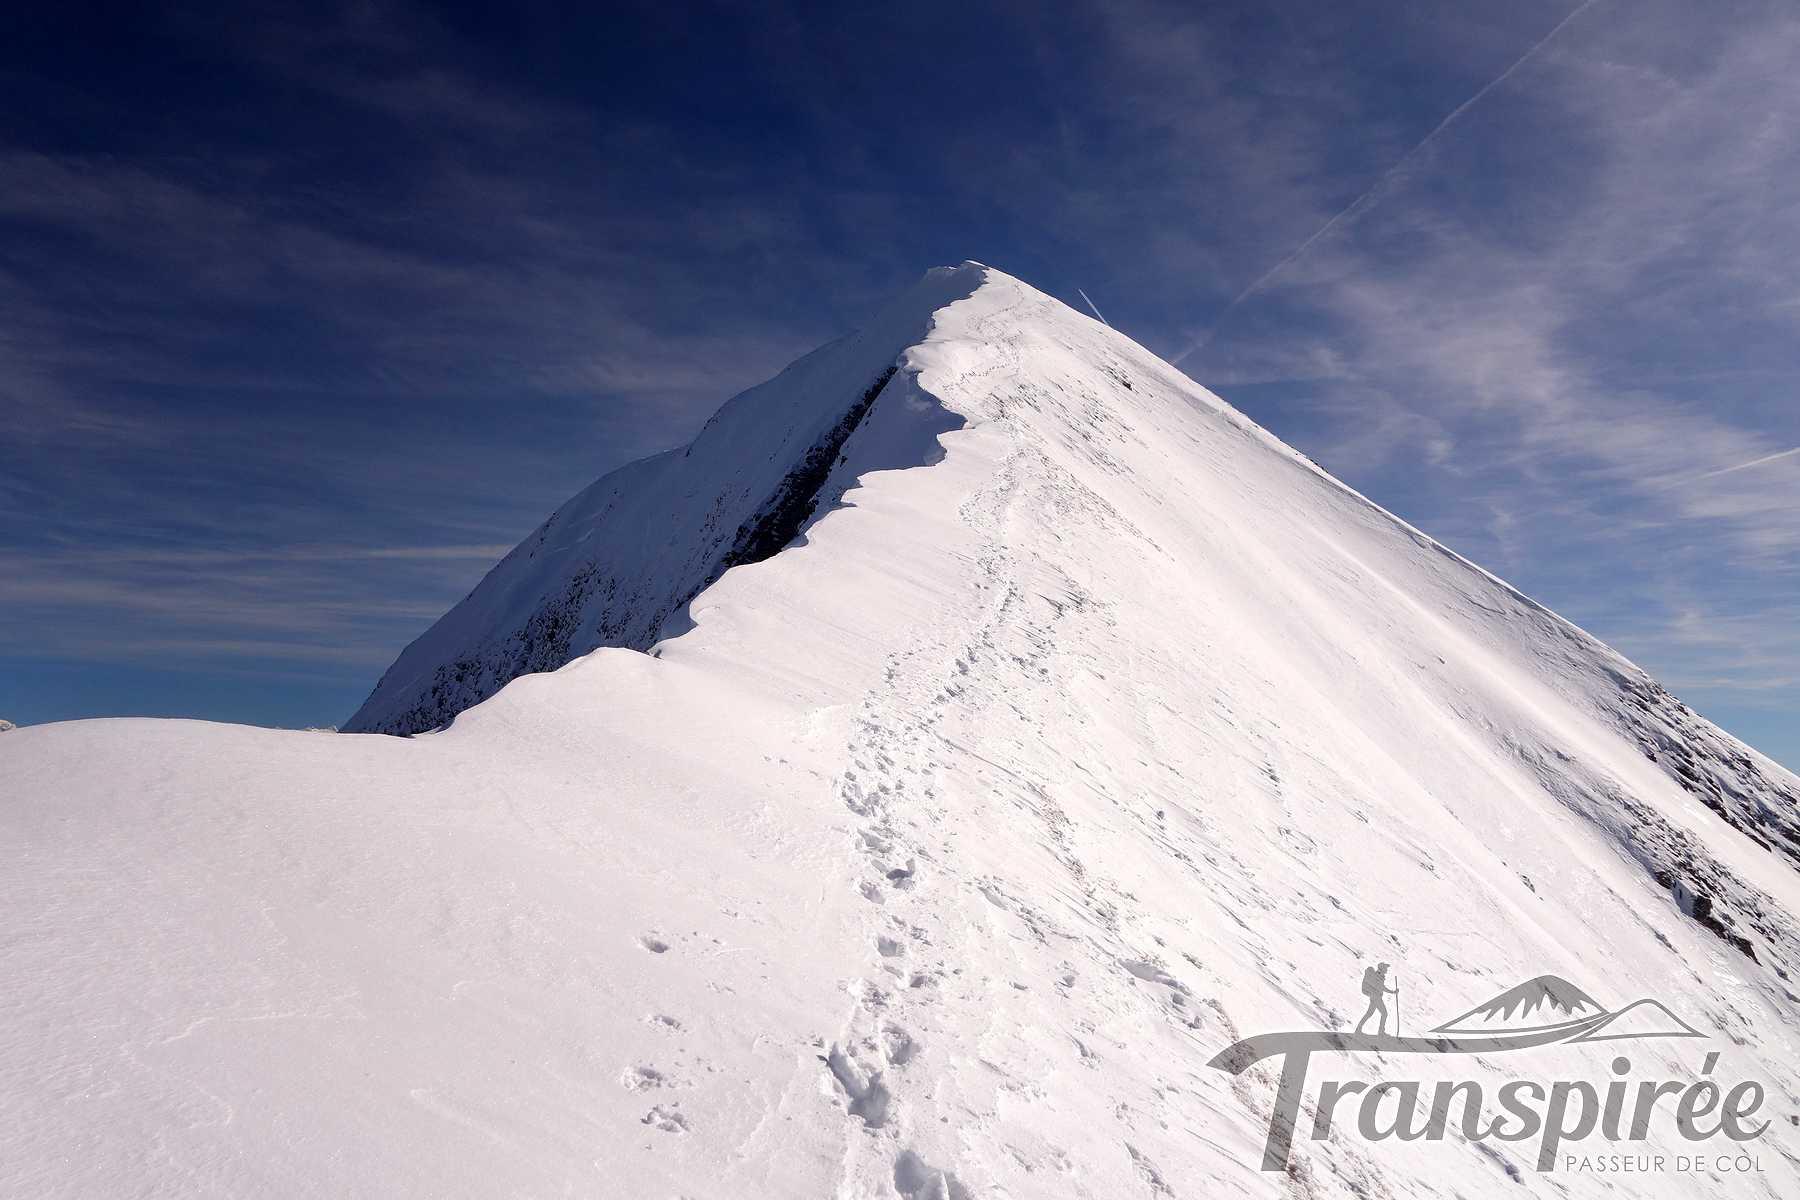 Ski de randonnée au Mont Charvin depuis les Dzeures et les Fours. Descente face O